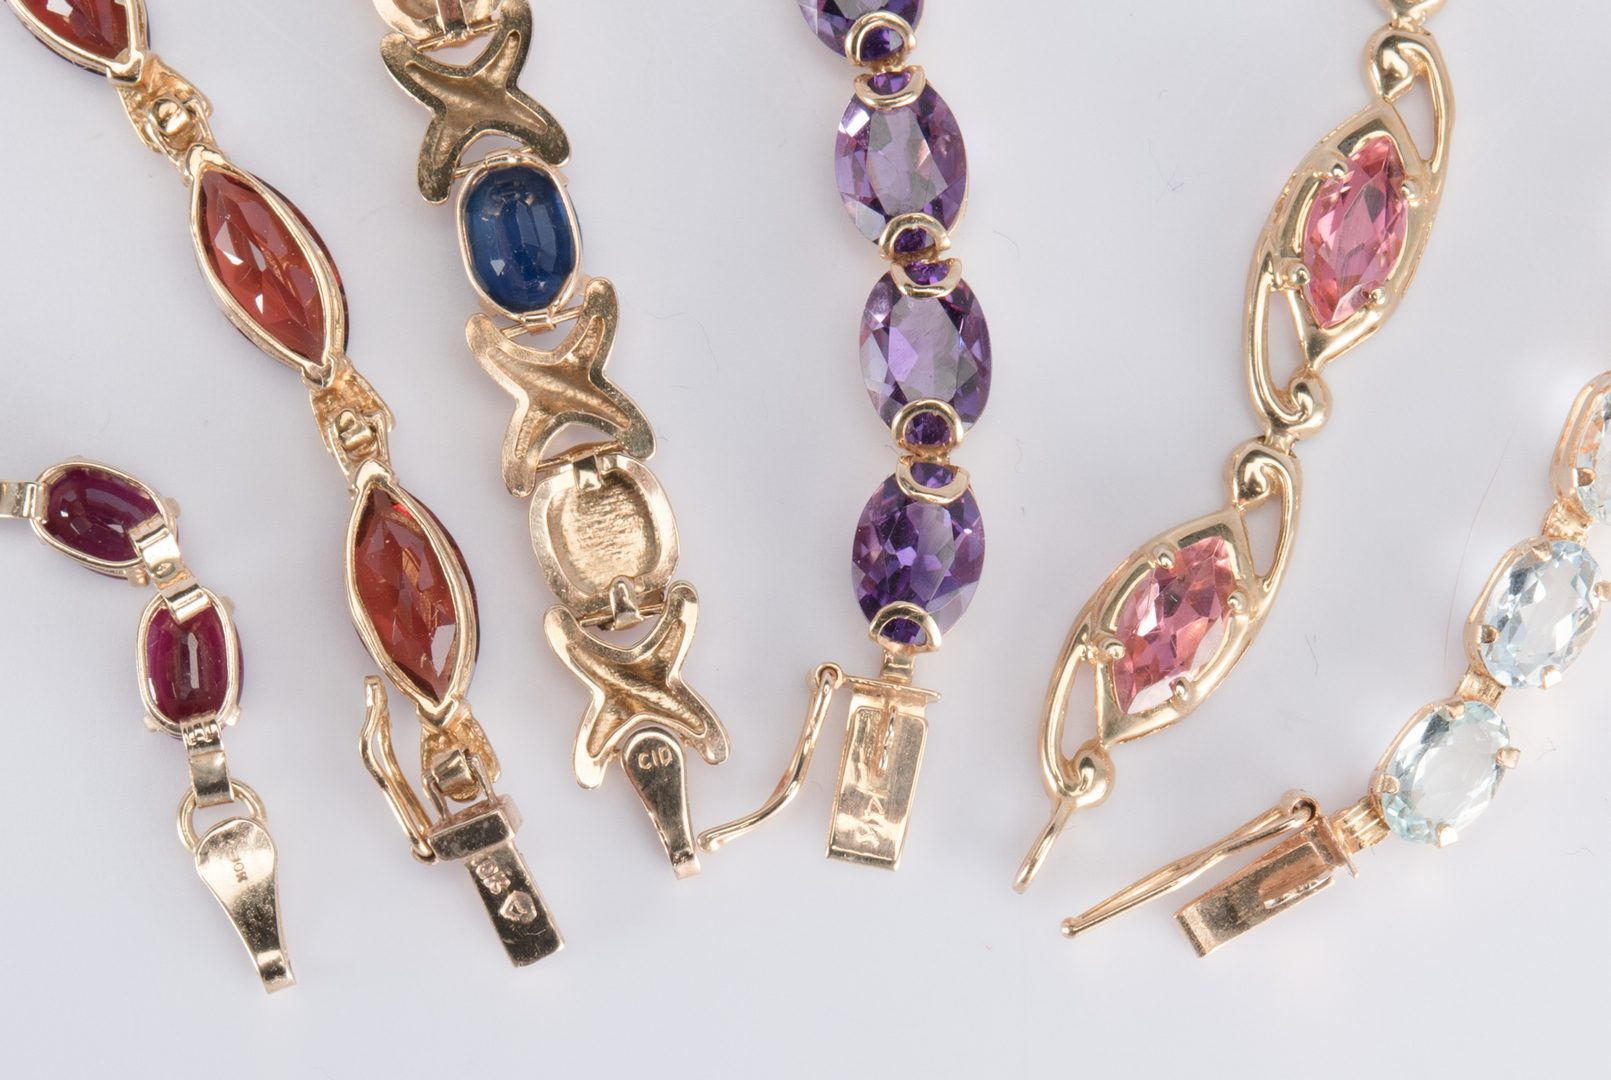 Lot 701: 14K and 10K Gemstone Jewelry